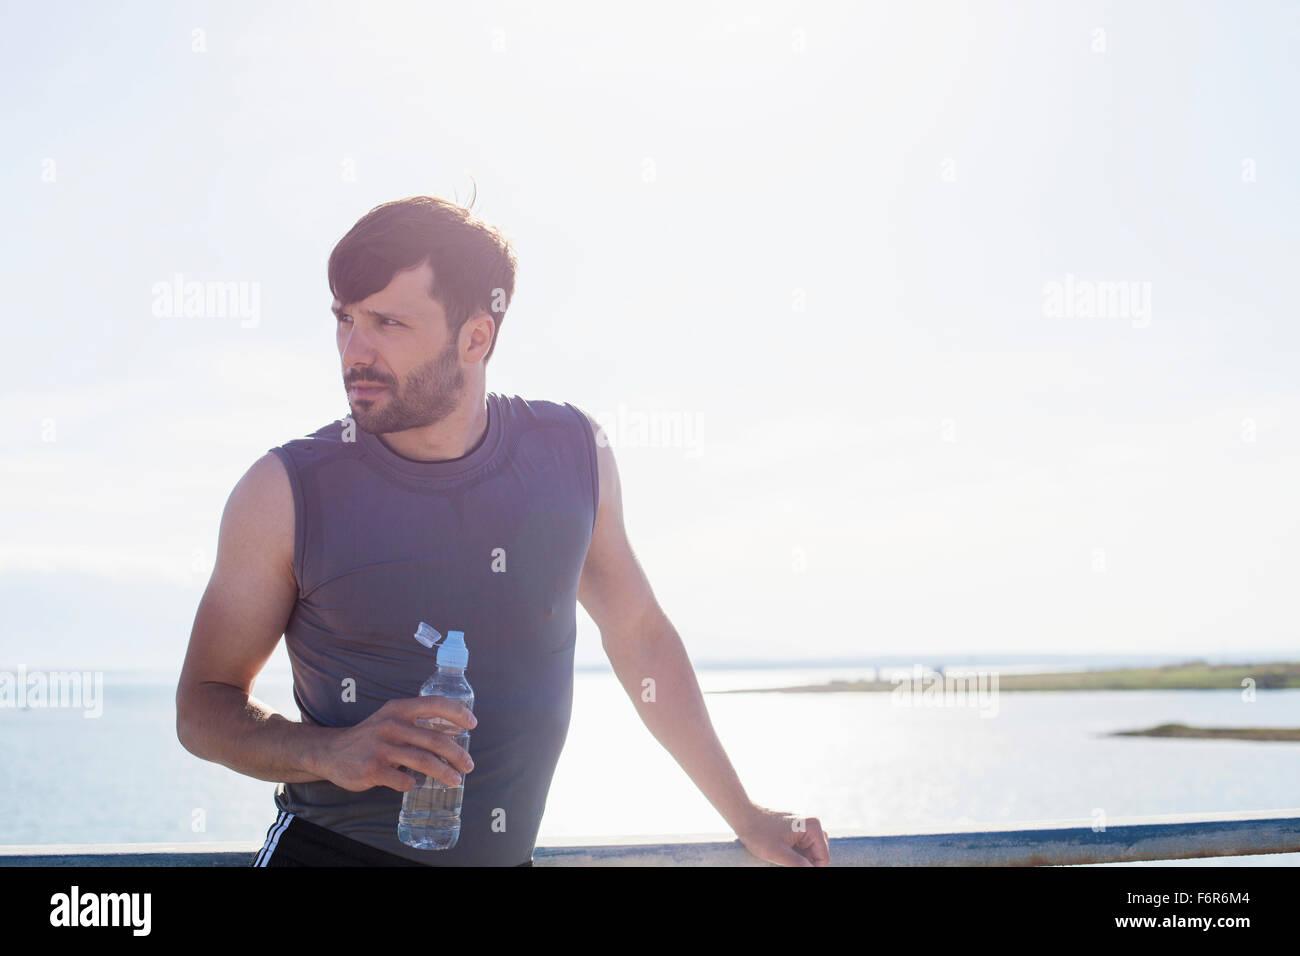 Junge Jogger nimmt sich eine Auszeit am Meer, Adria, Kroatien Stockbild